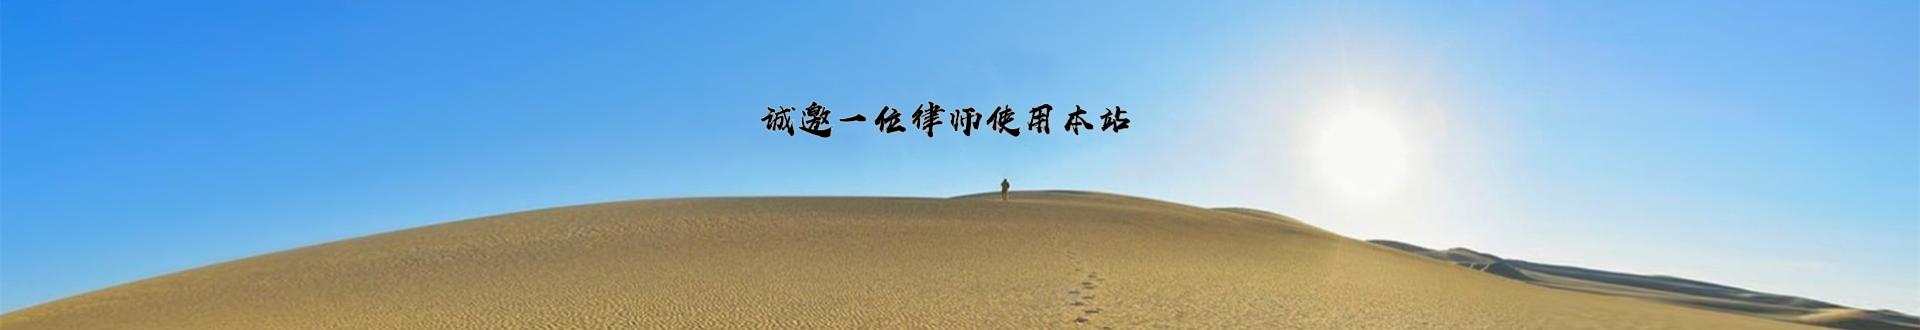 天津房地产律师网6